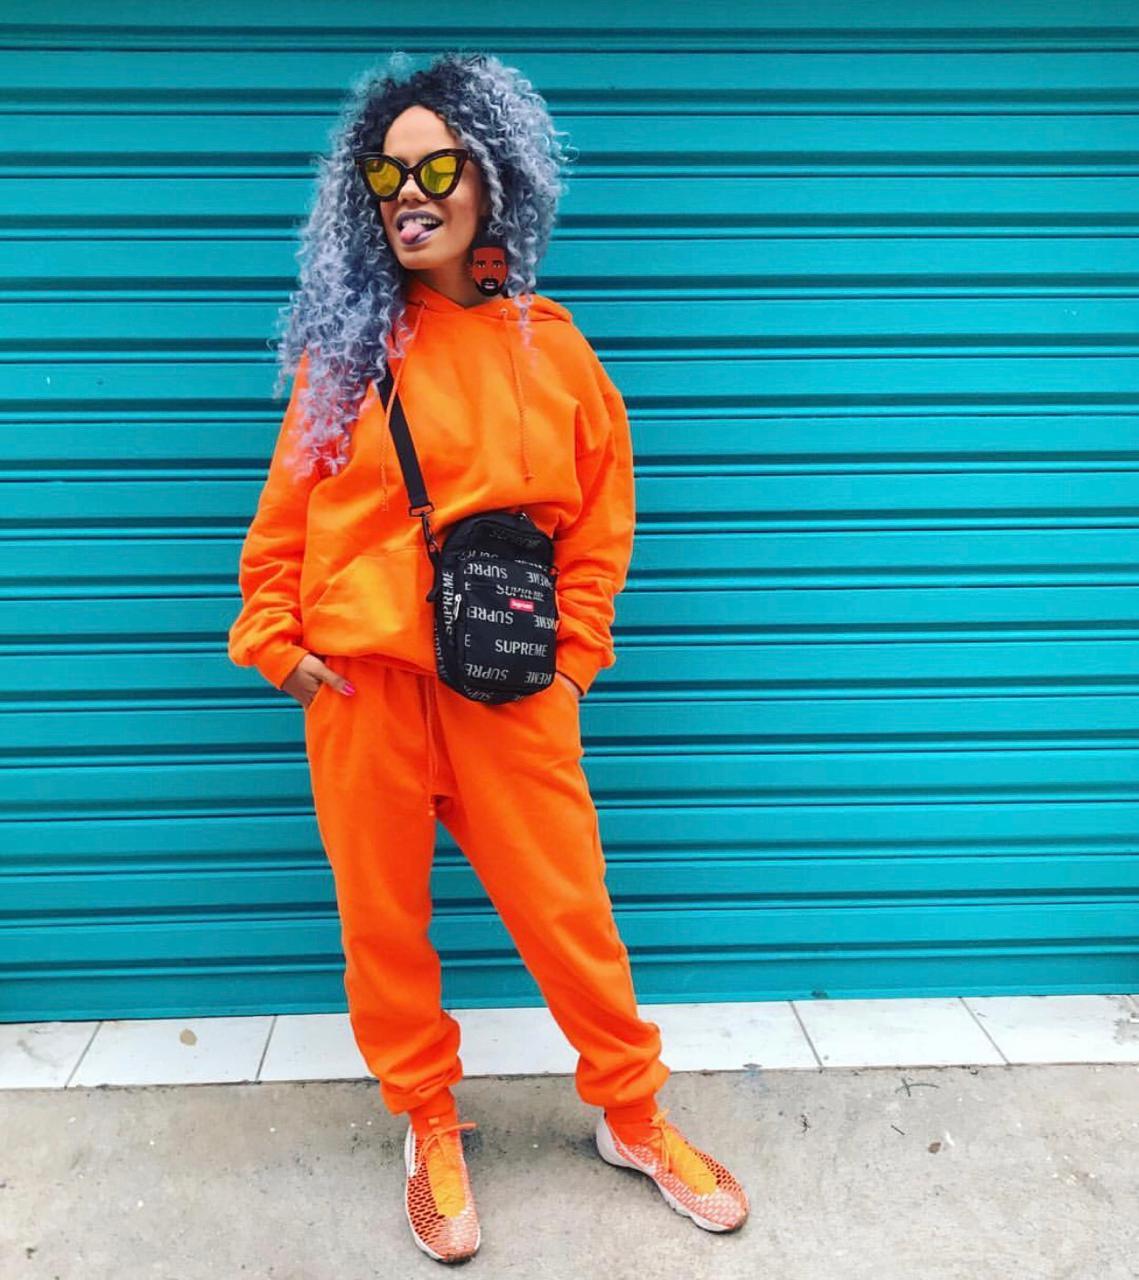 streetwear brasil entrevista luiza sant 02 - SWBR entrevista Luiza Sant da LZST